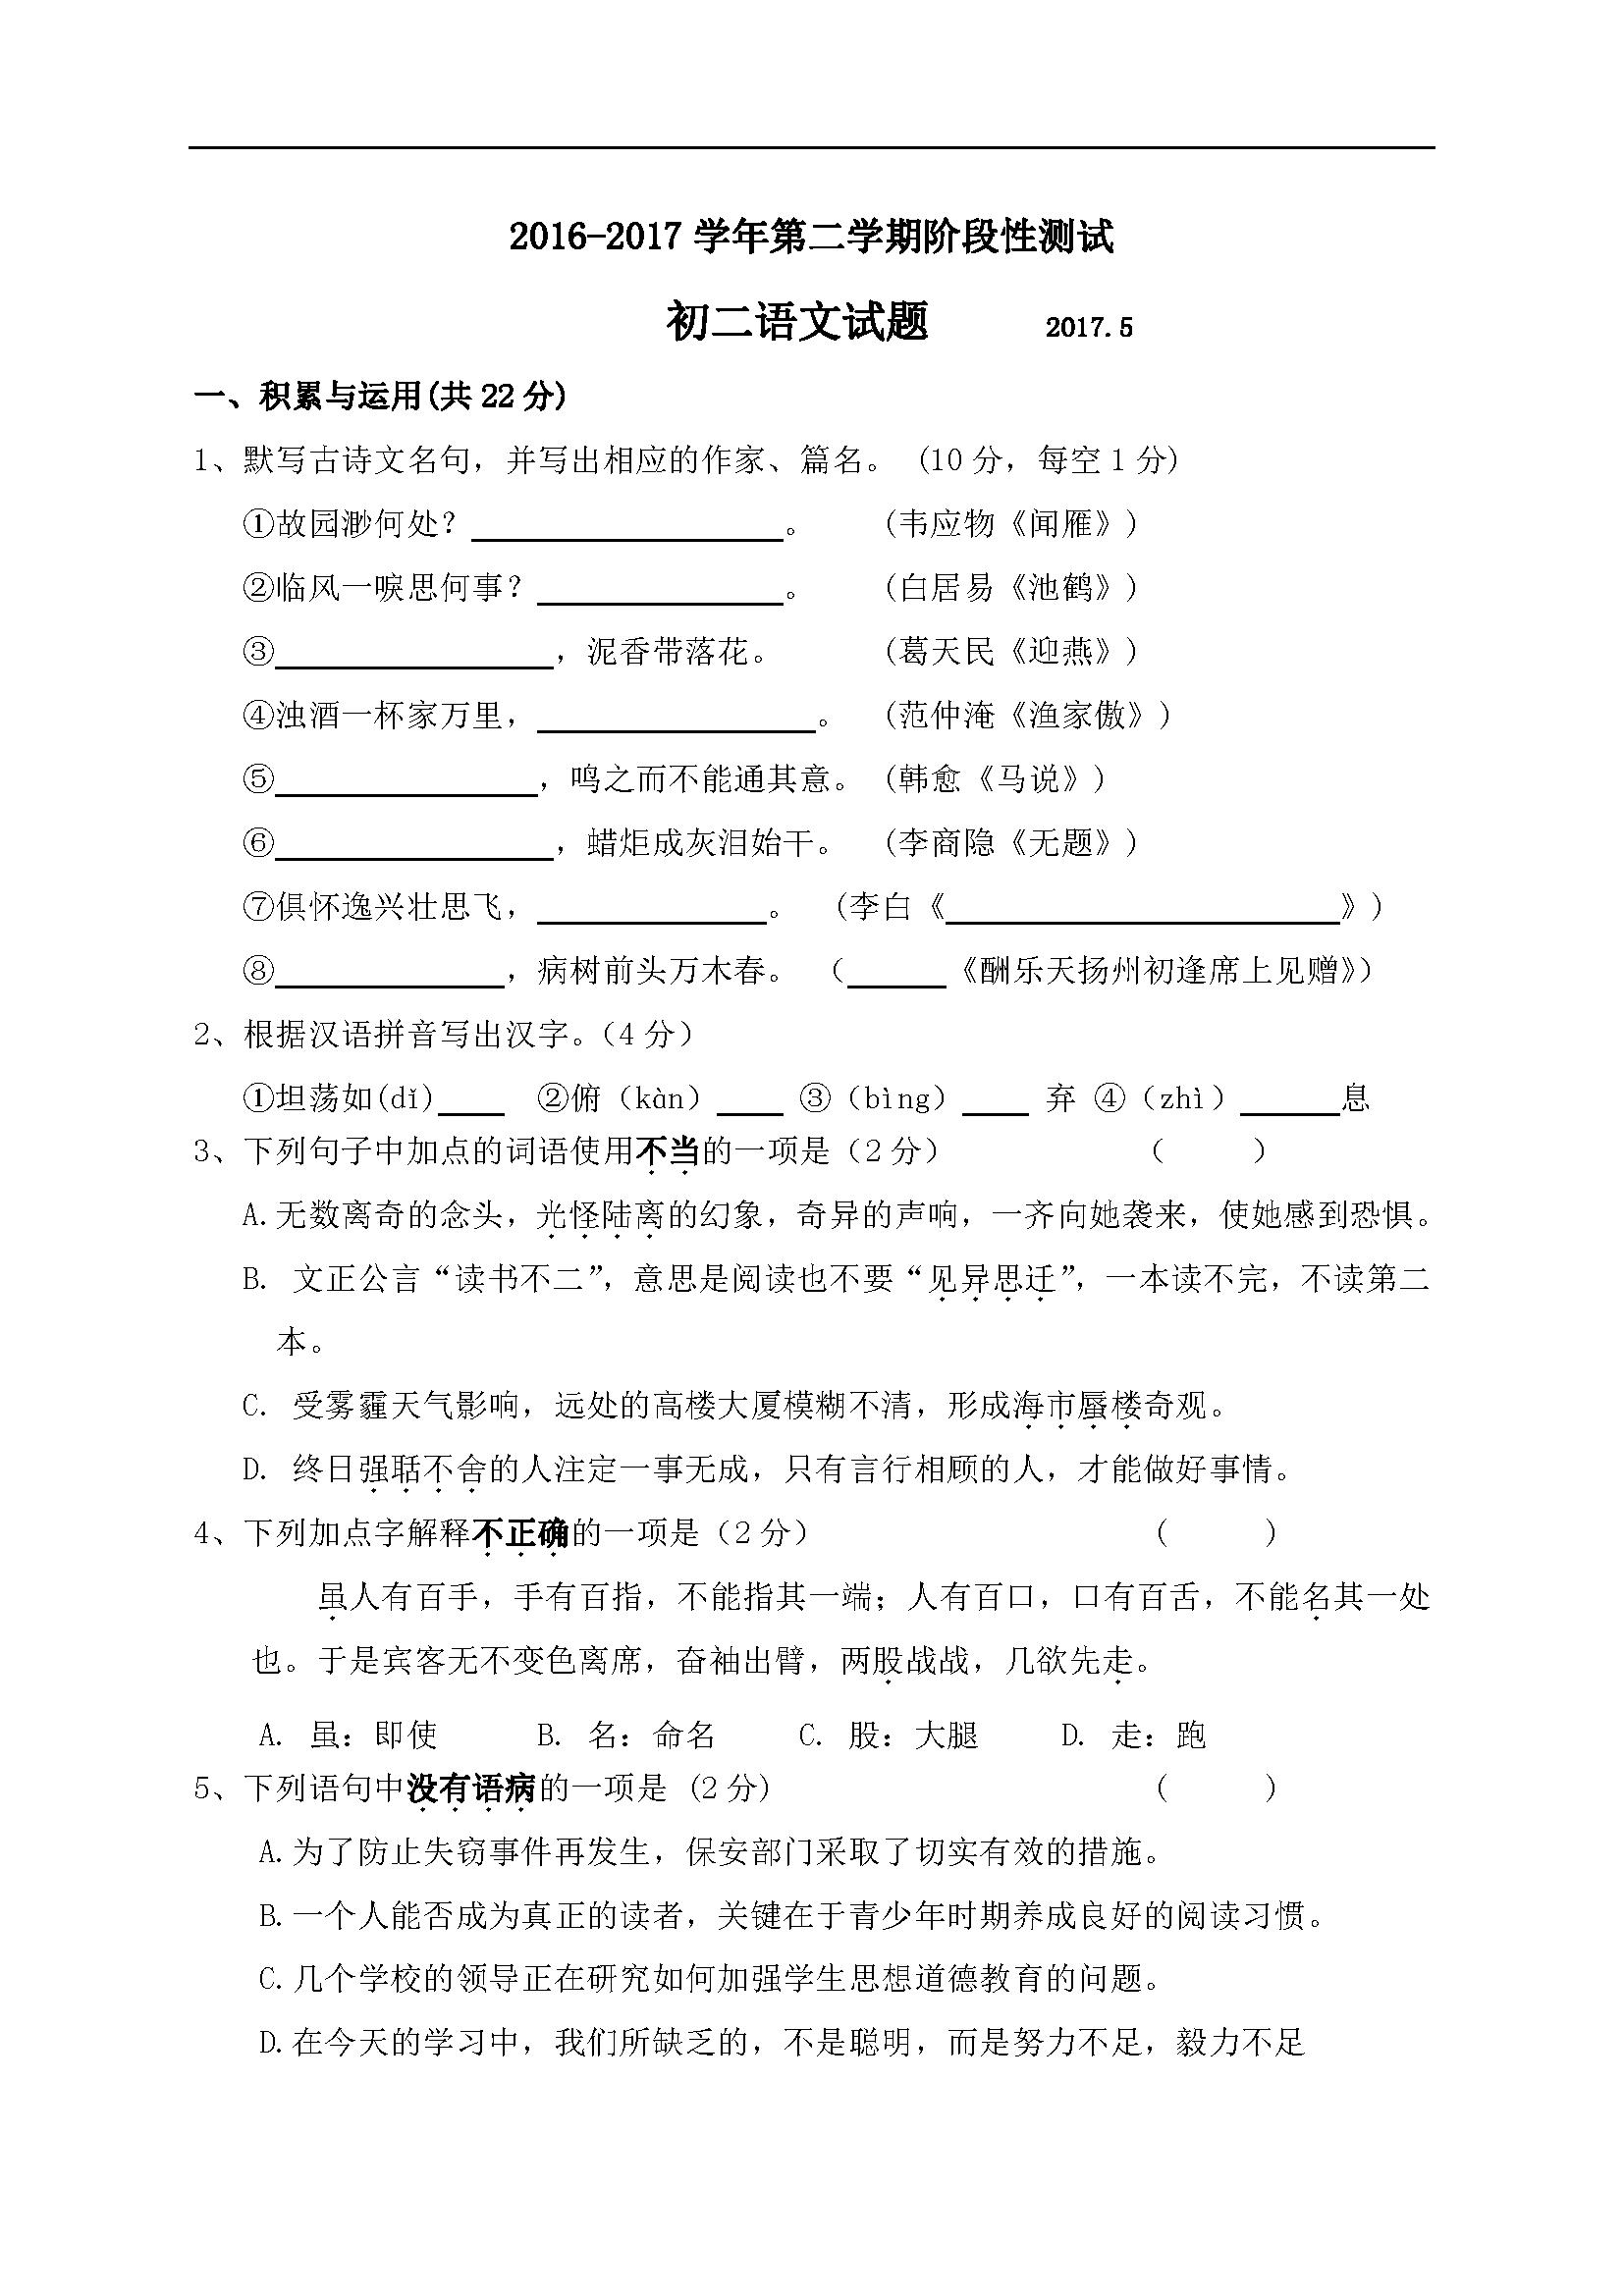 江苏无锡江阴2016-2017学年八年级5月月考语文试题(Word版)